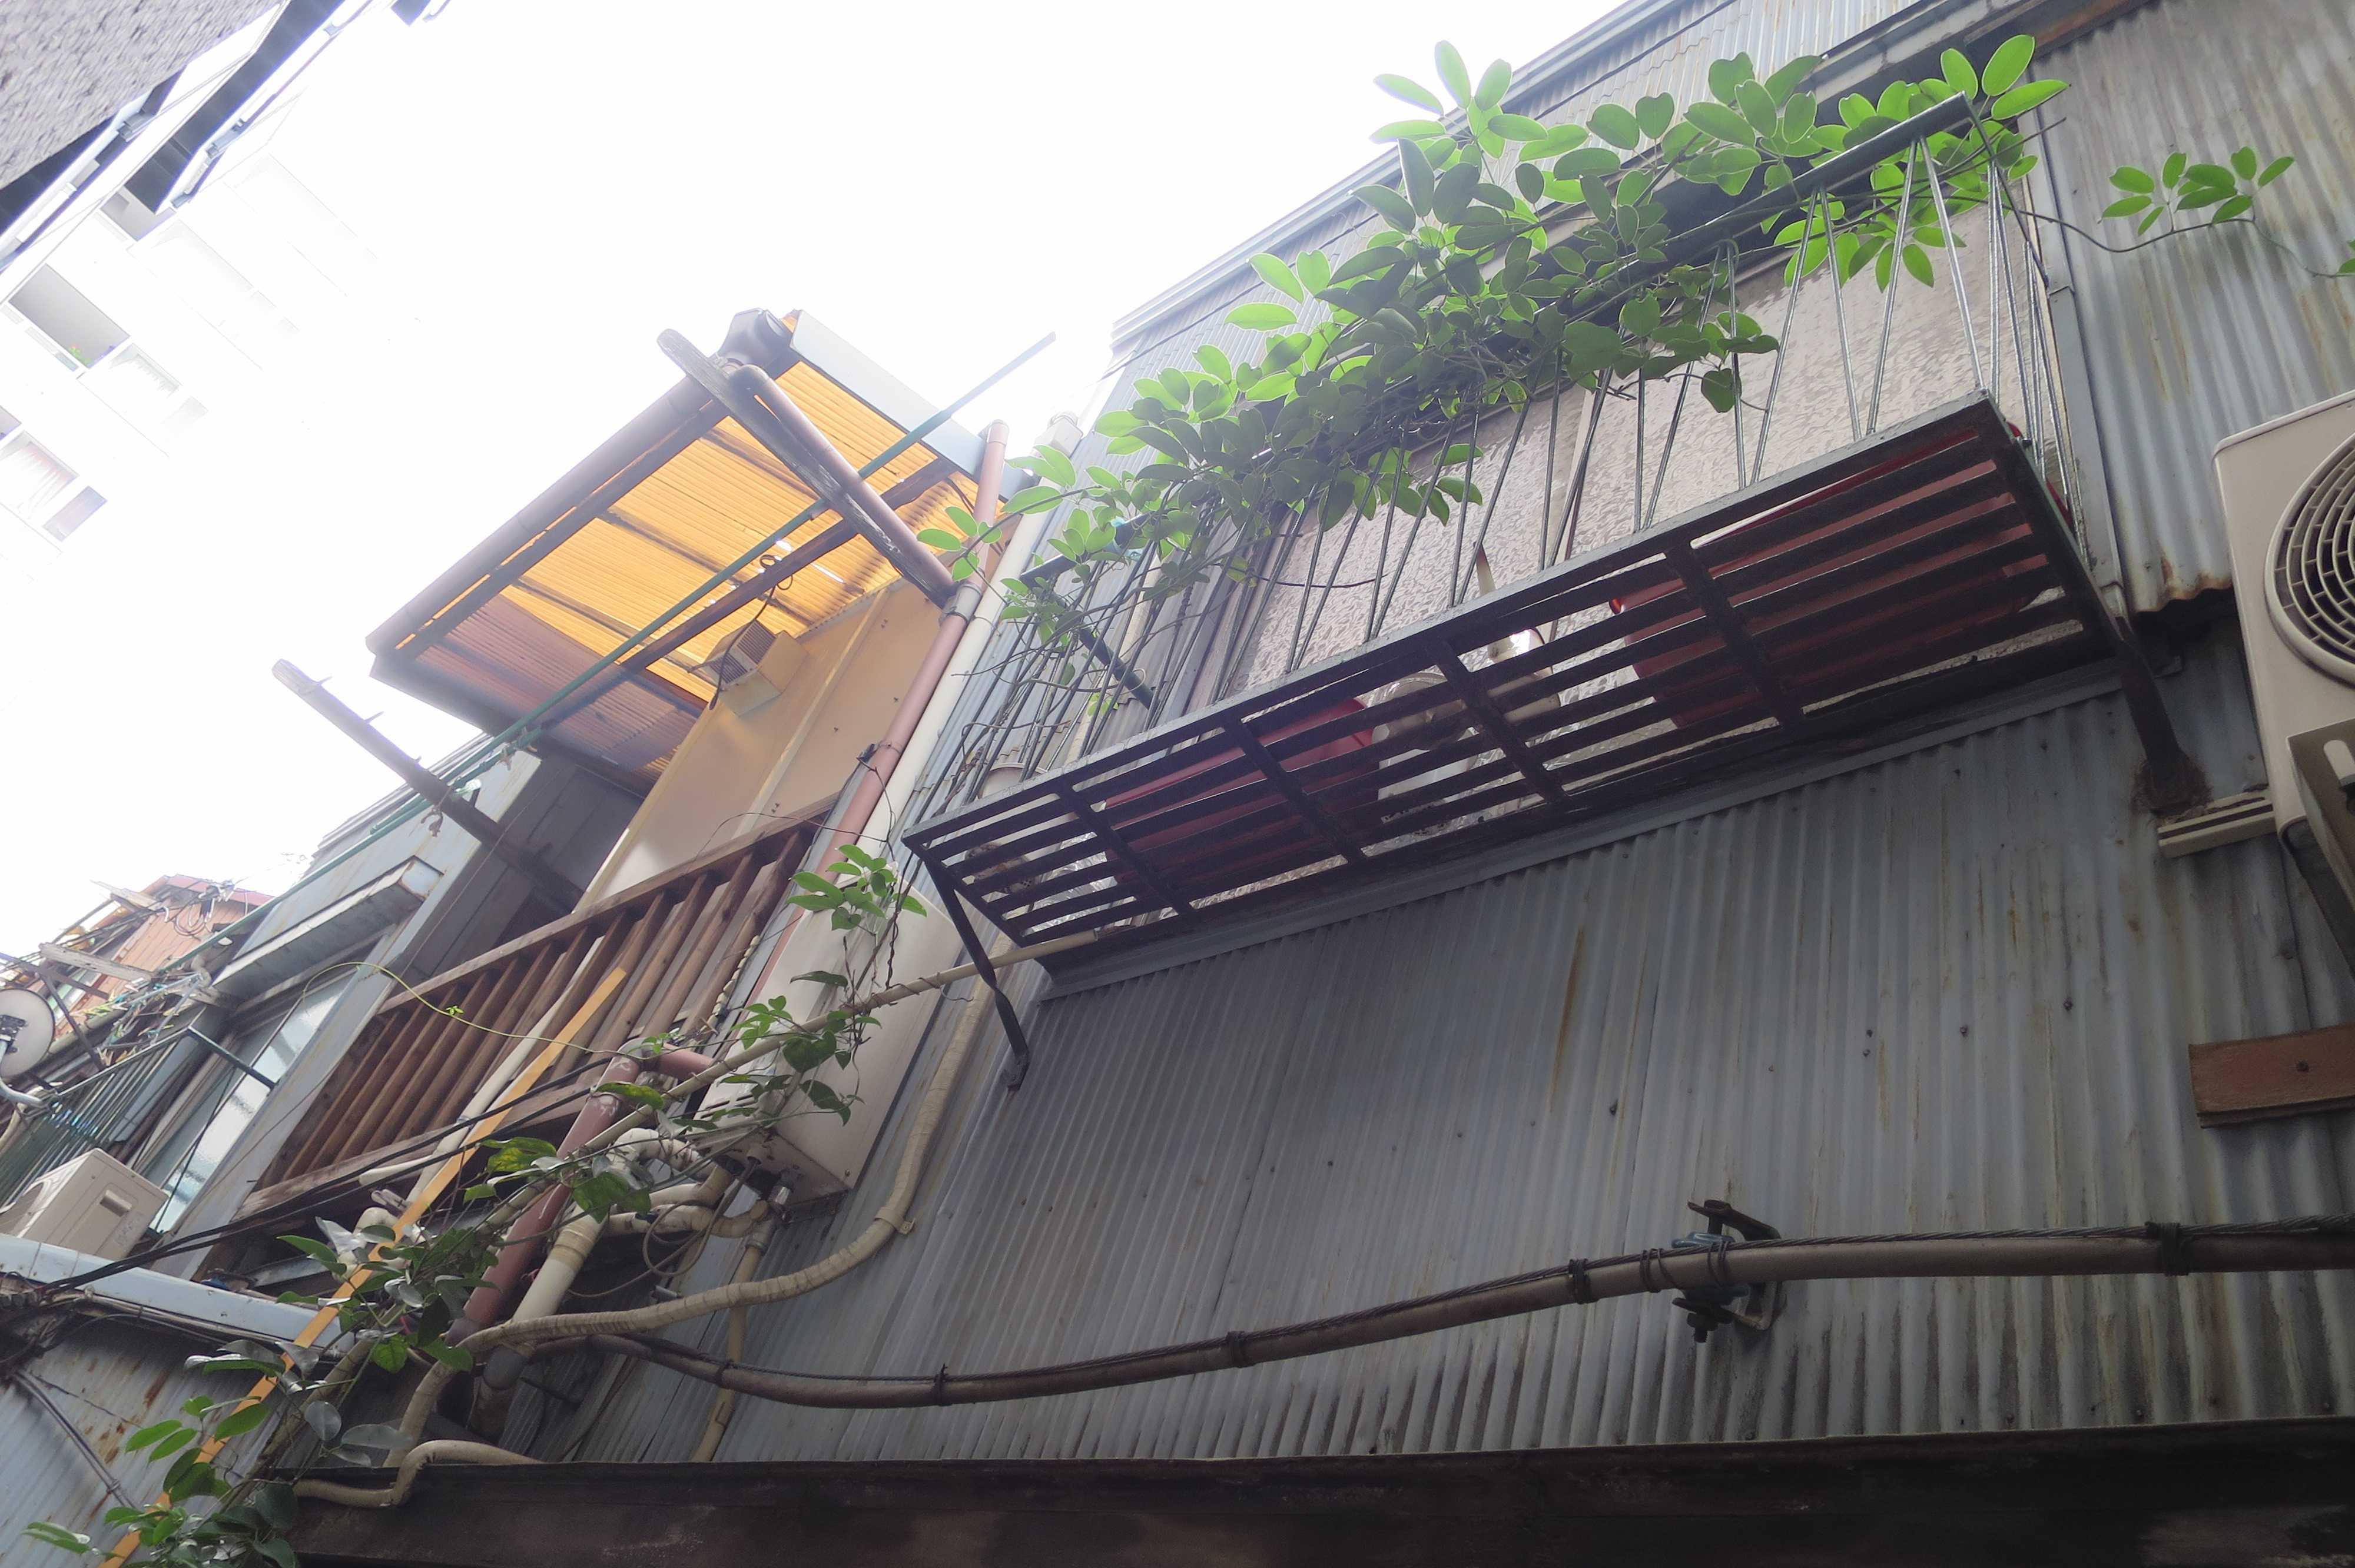 築地エリア - 波板トタン、植木棚、物干し竿のある路地